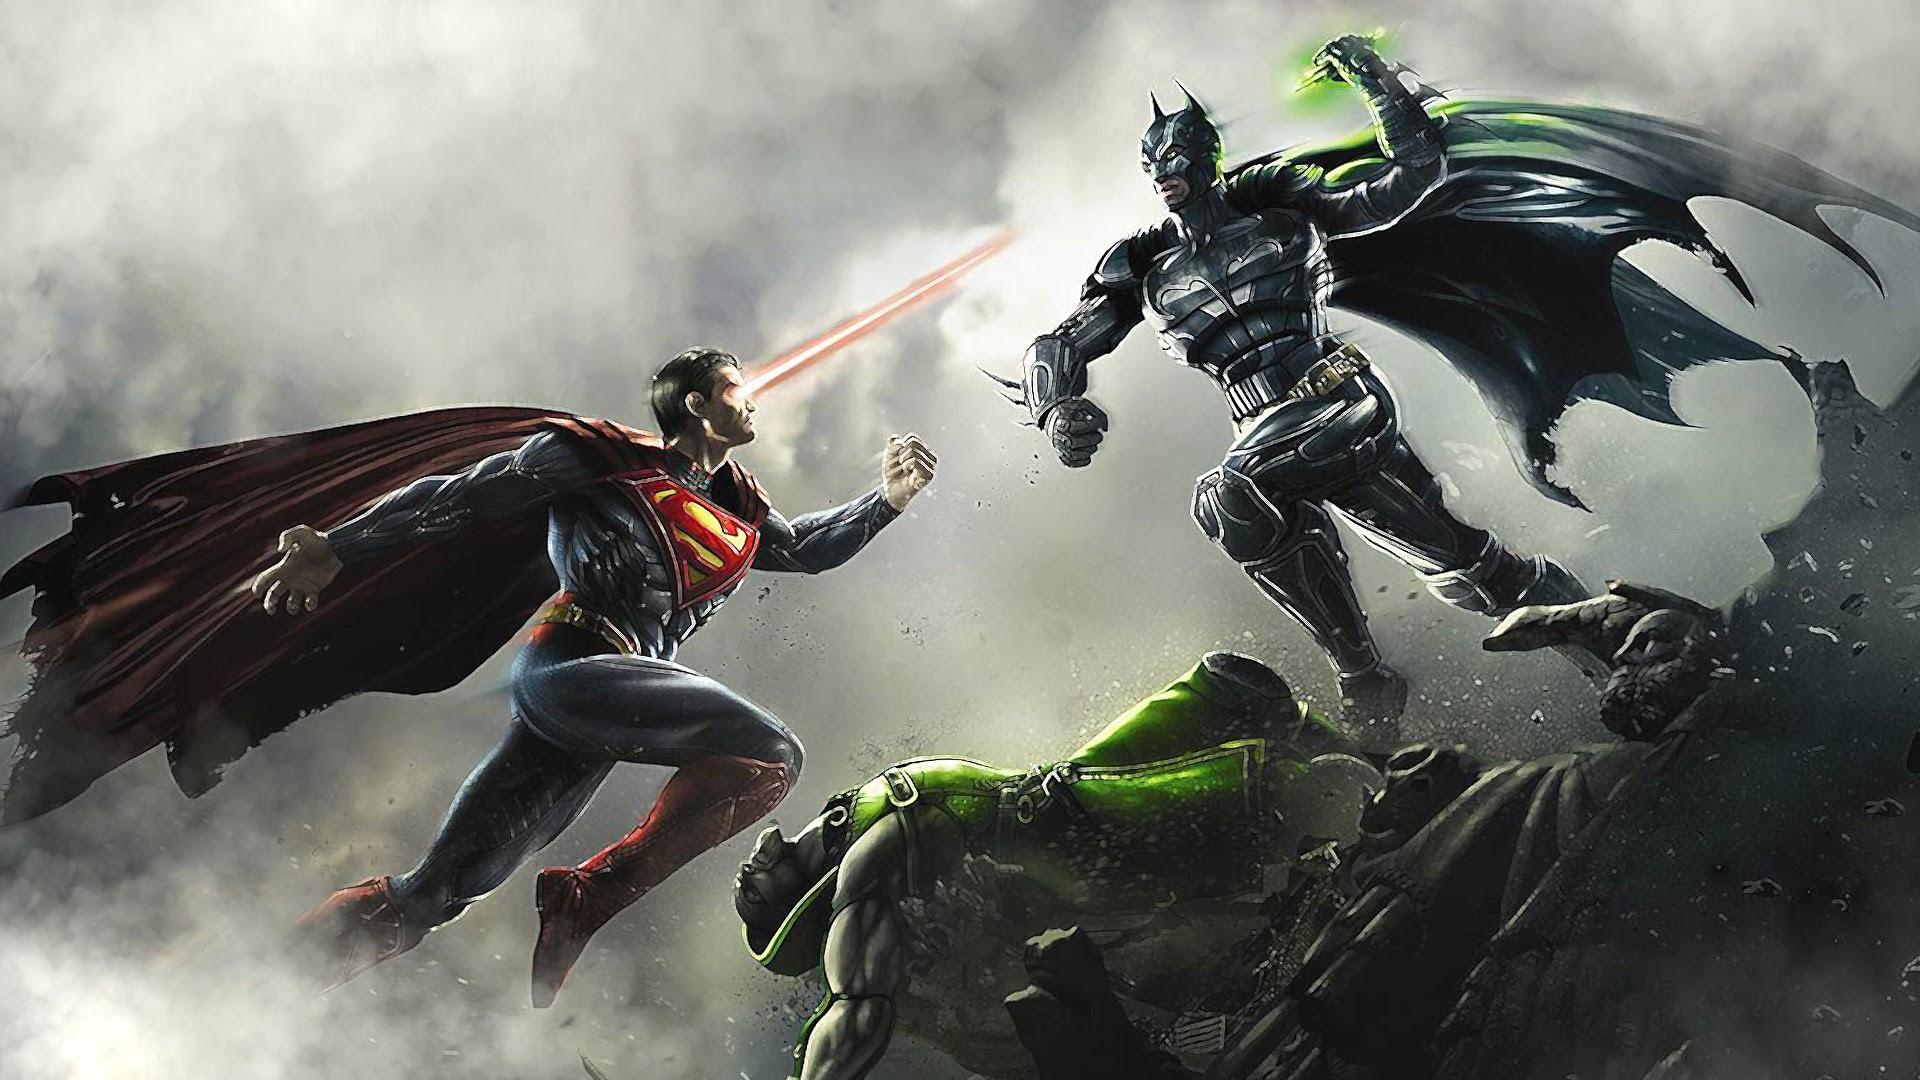 Batman Vs Superman Fight Hd Wallpaper